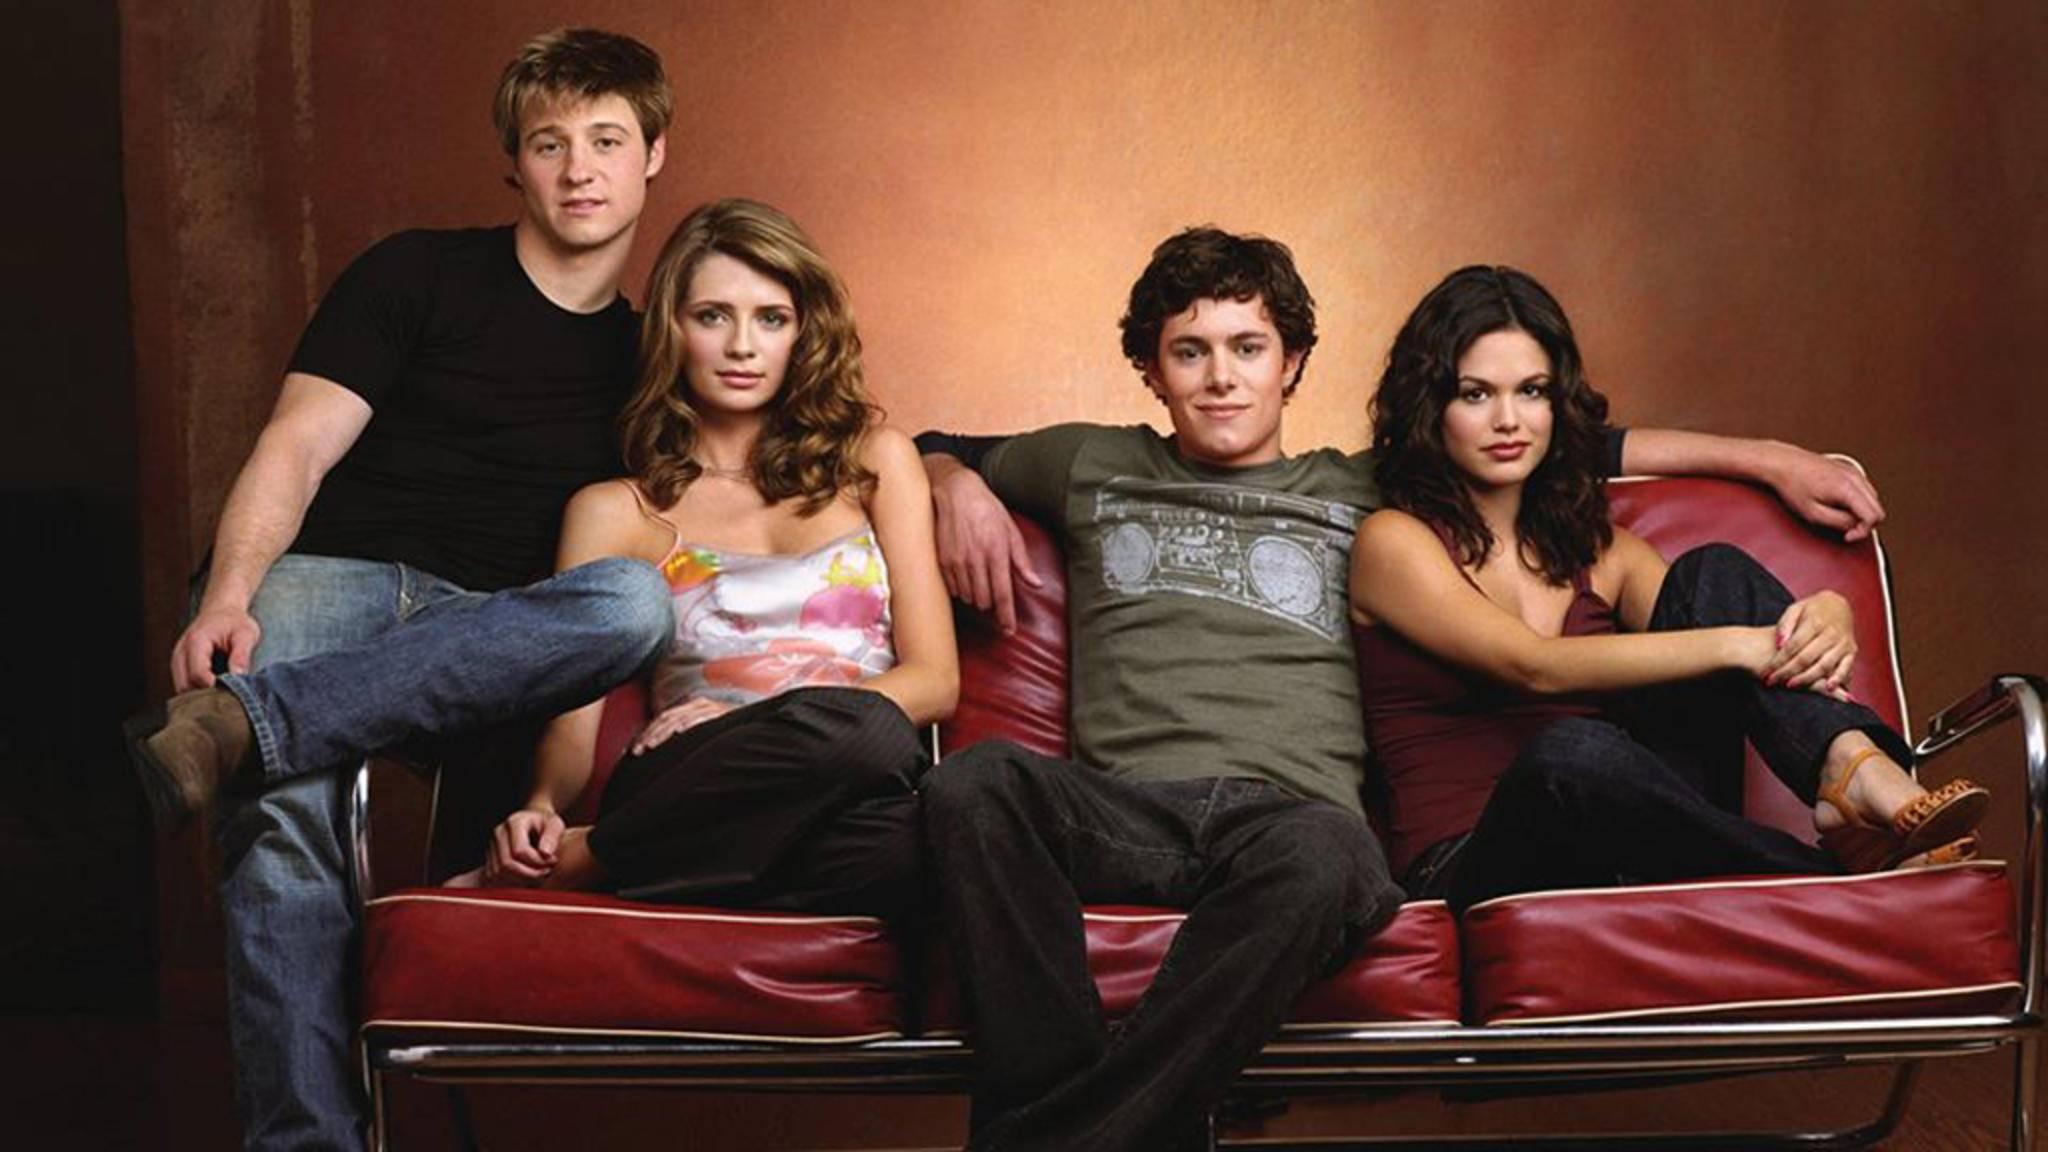 """In """"O.C., California"""" ging es um die Clique bestehend aus Ryan, Marissa, Seth und Summer (v.l.n.r.)."""